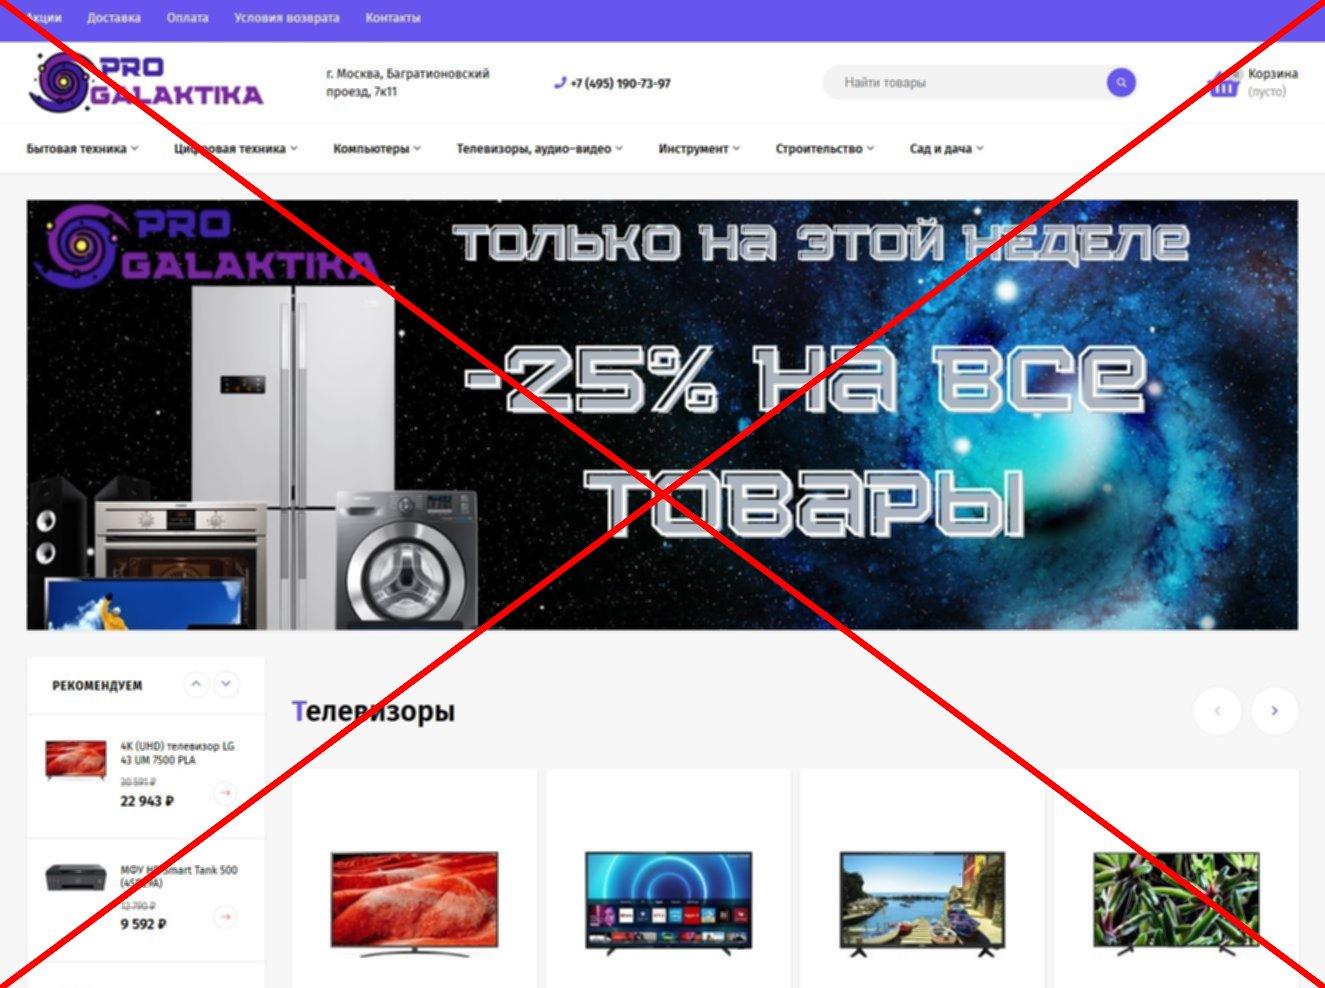 Скрин progalaktika.ru